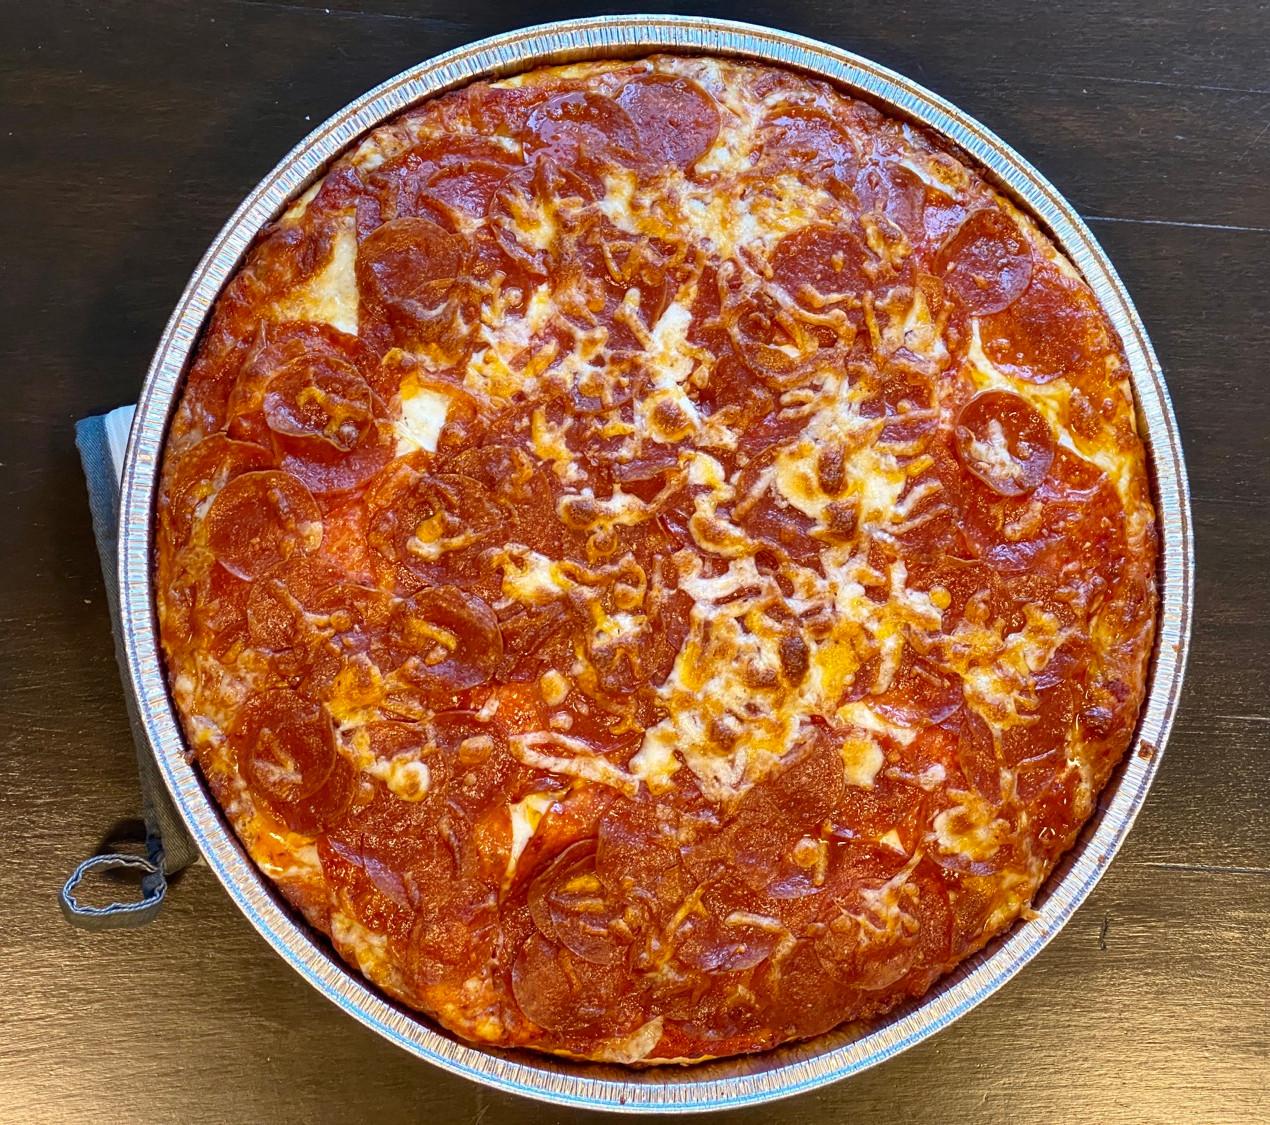 pan pizza from papa murphy photos